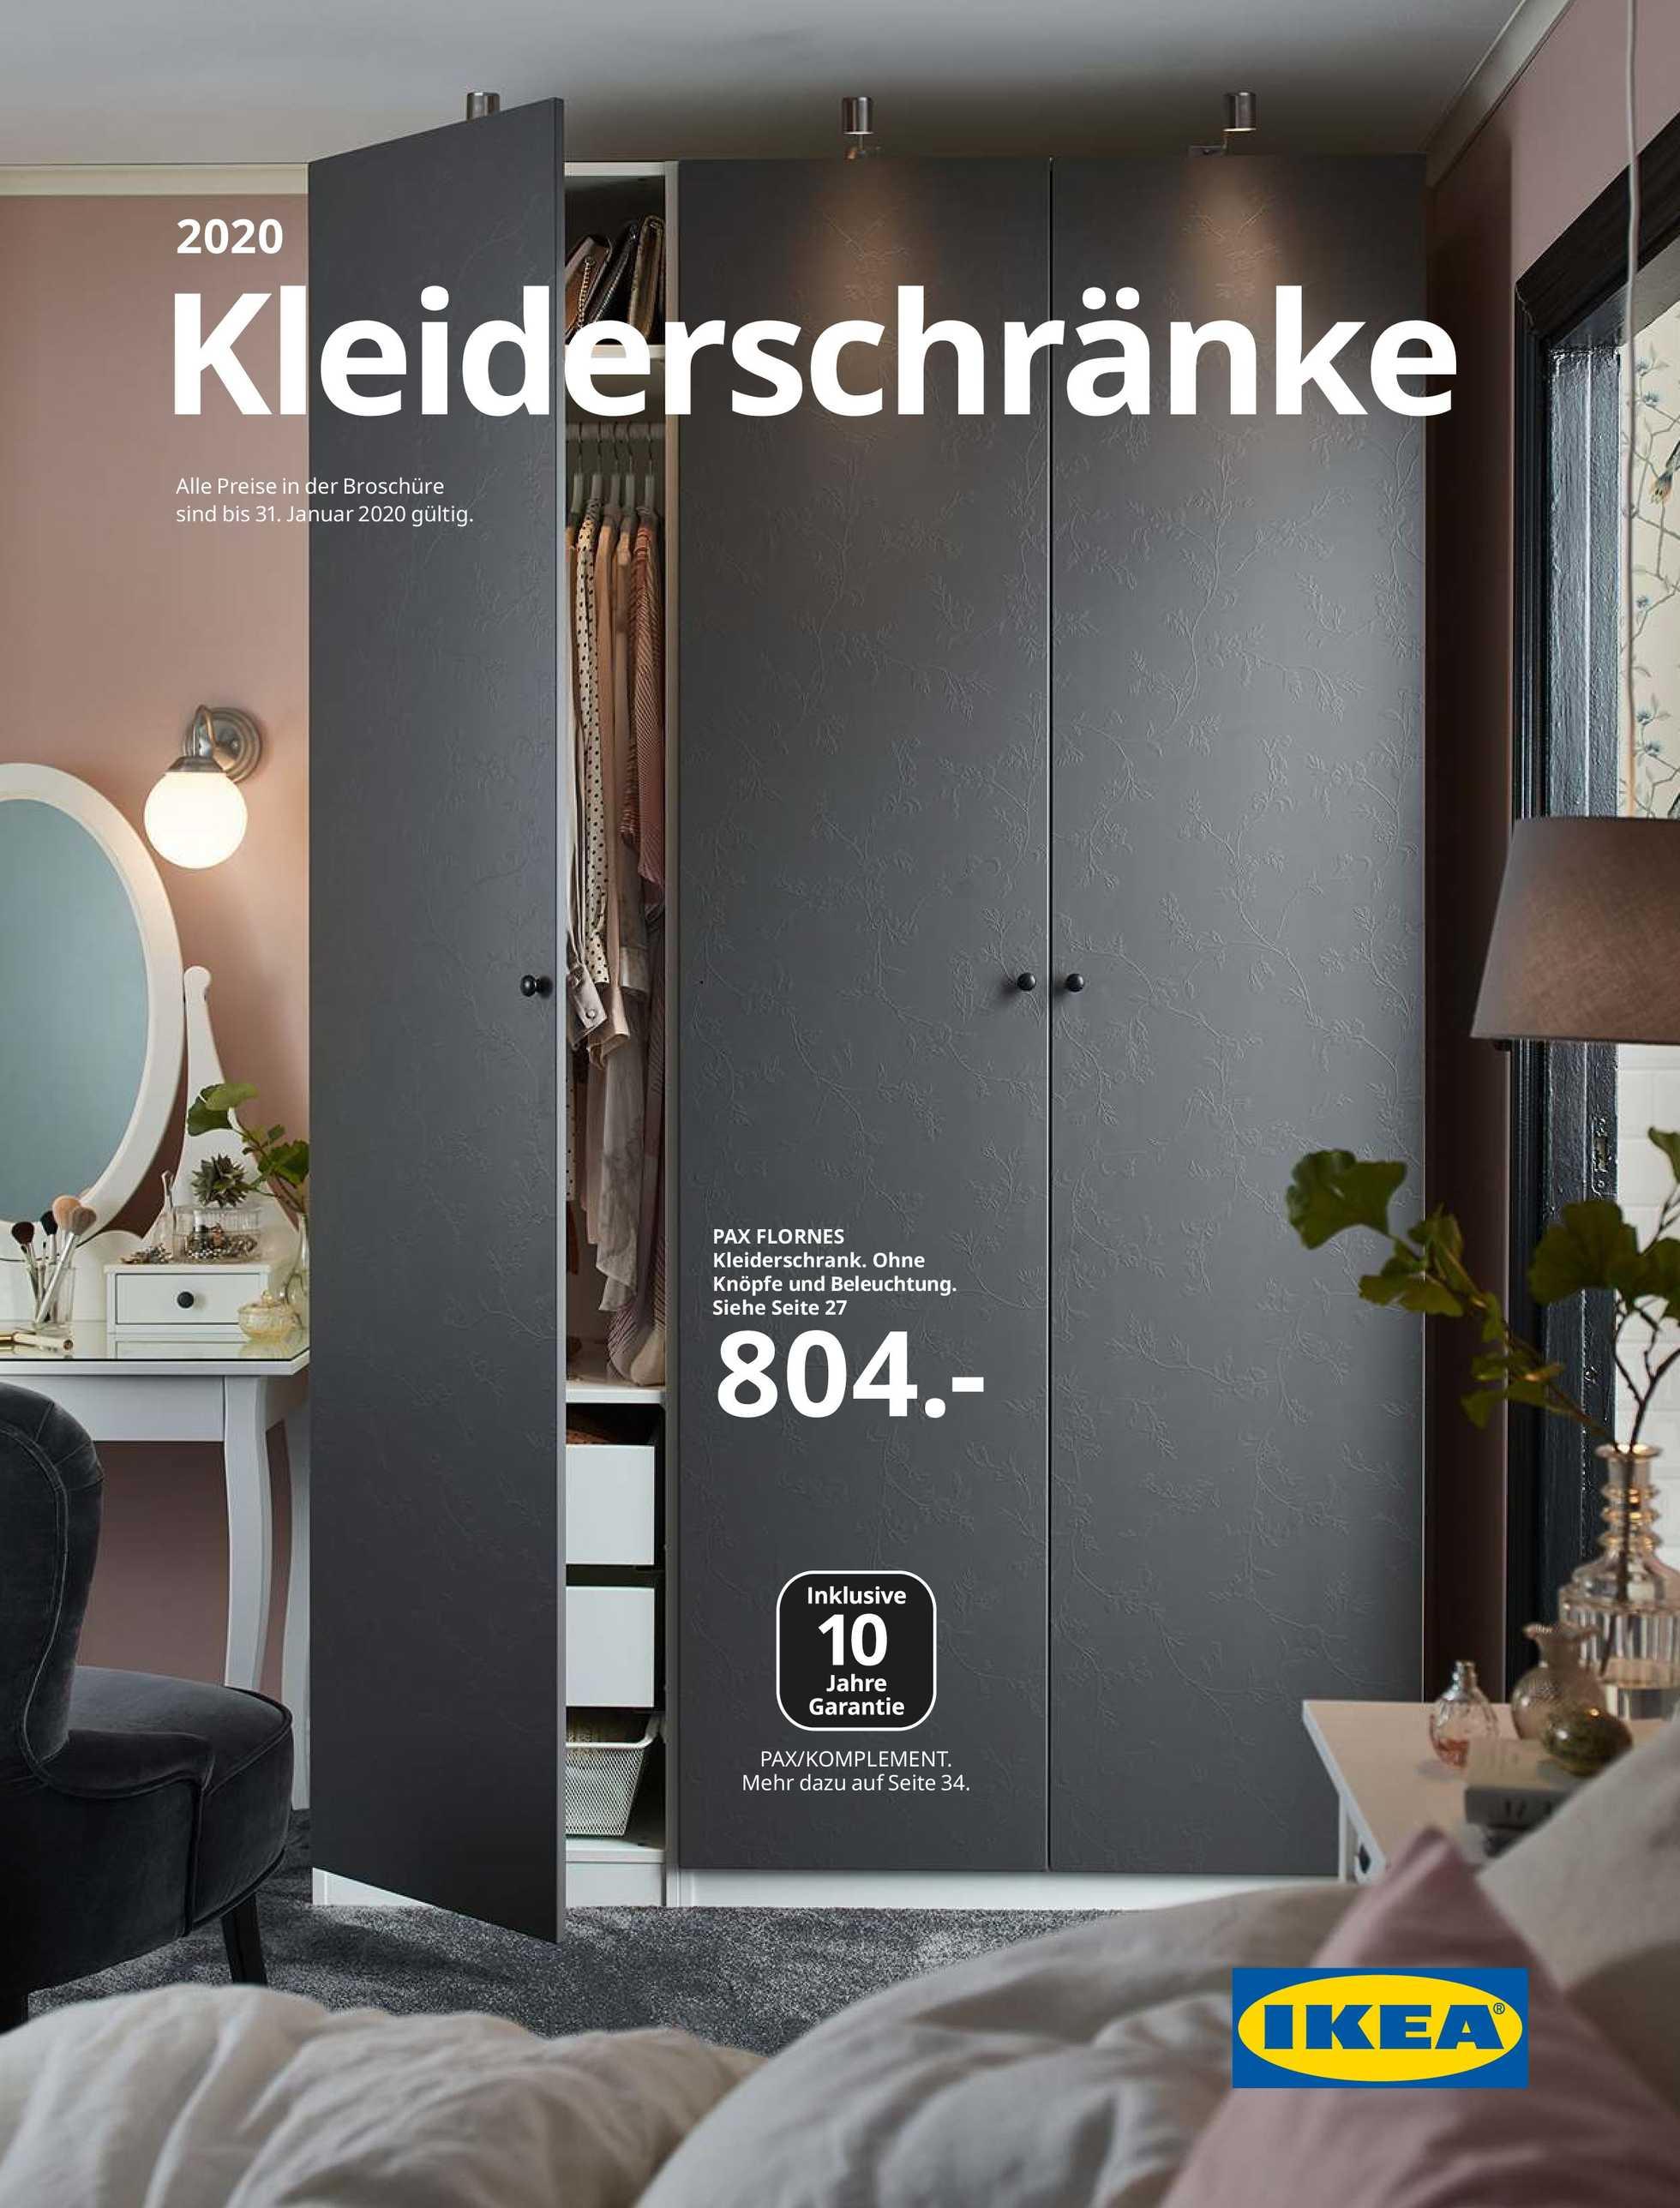 IKEA - Promo ab 20-08-2019 - seite 1